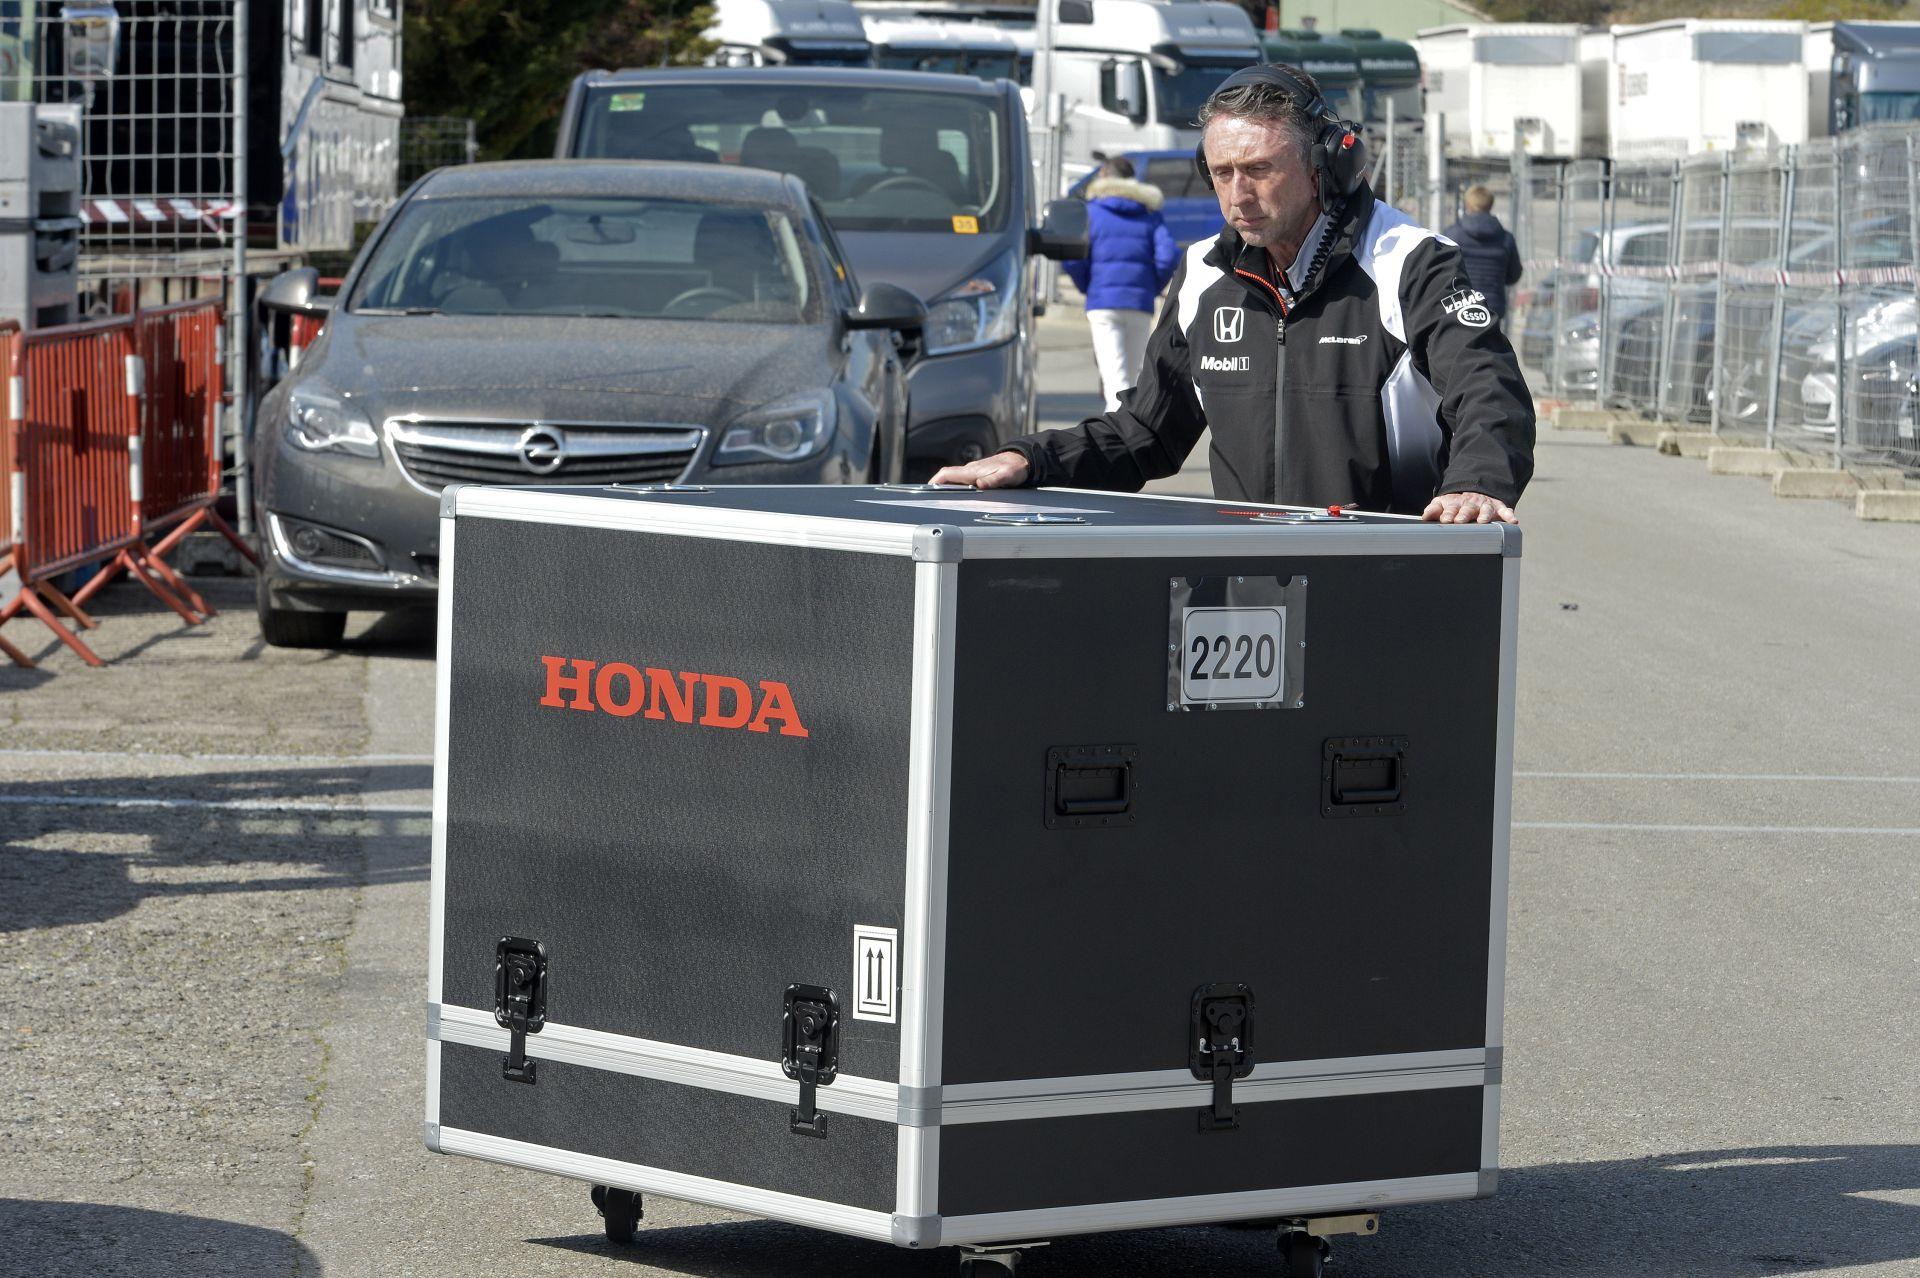 A Hondánál tudják a Mercedes-motor titkát, legalább 7 zseton kell a másoláshoz